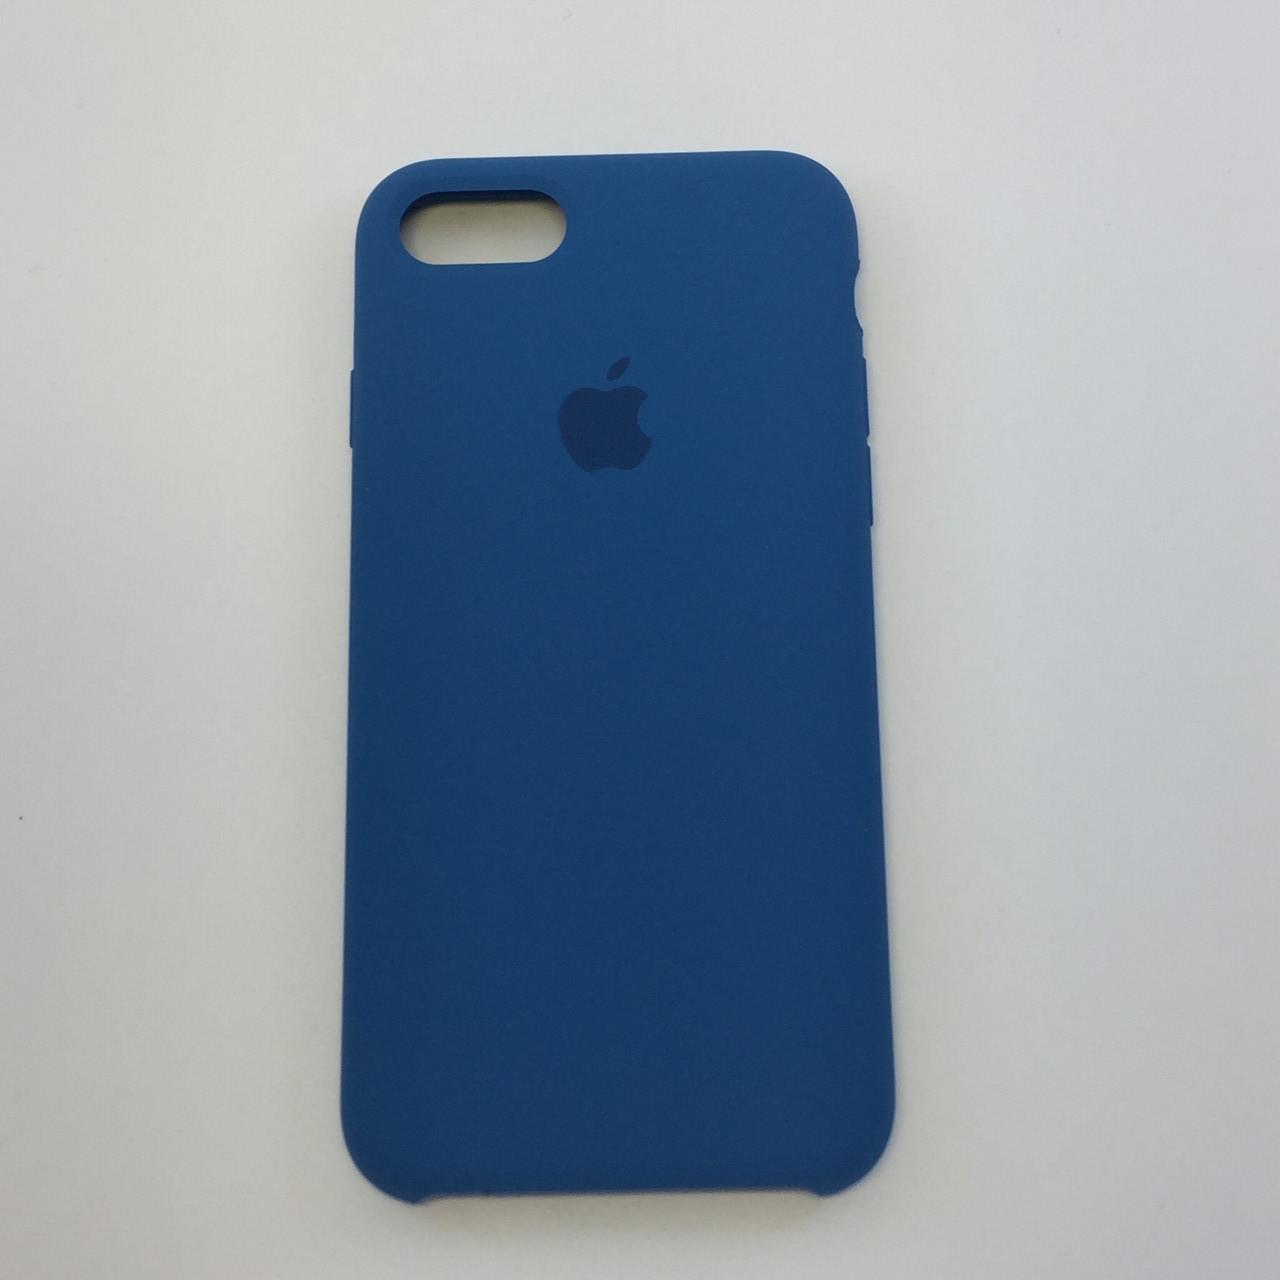 """Чехол - Silicon Case для iPhone """"Темный кобальт - №38"""" - copy orig."""